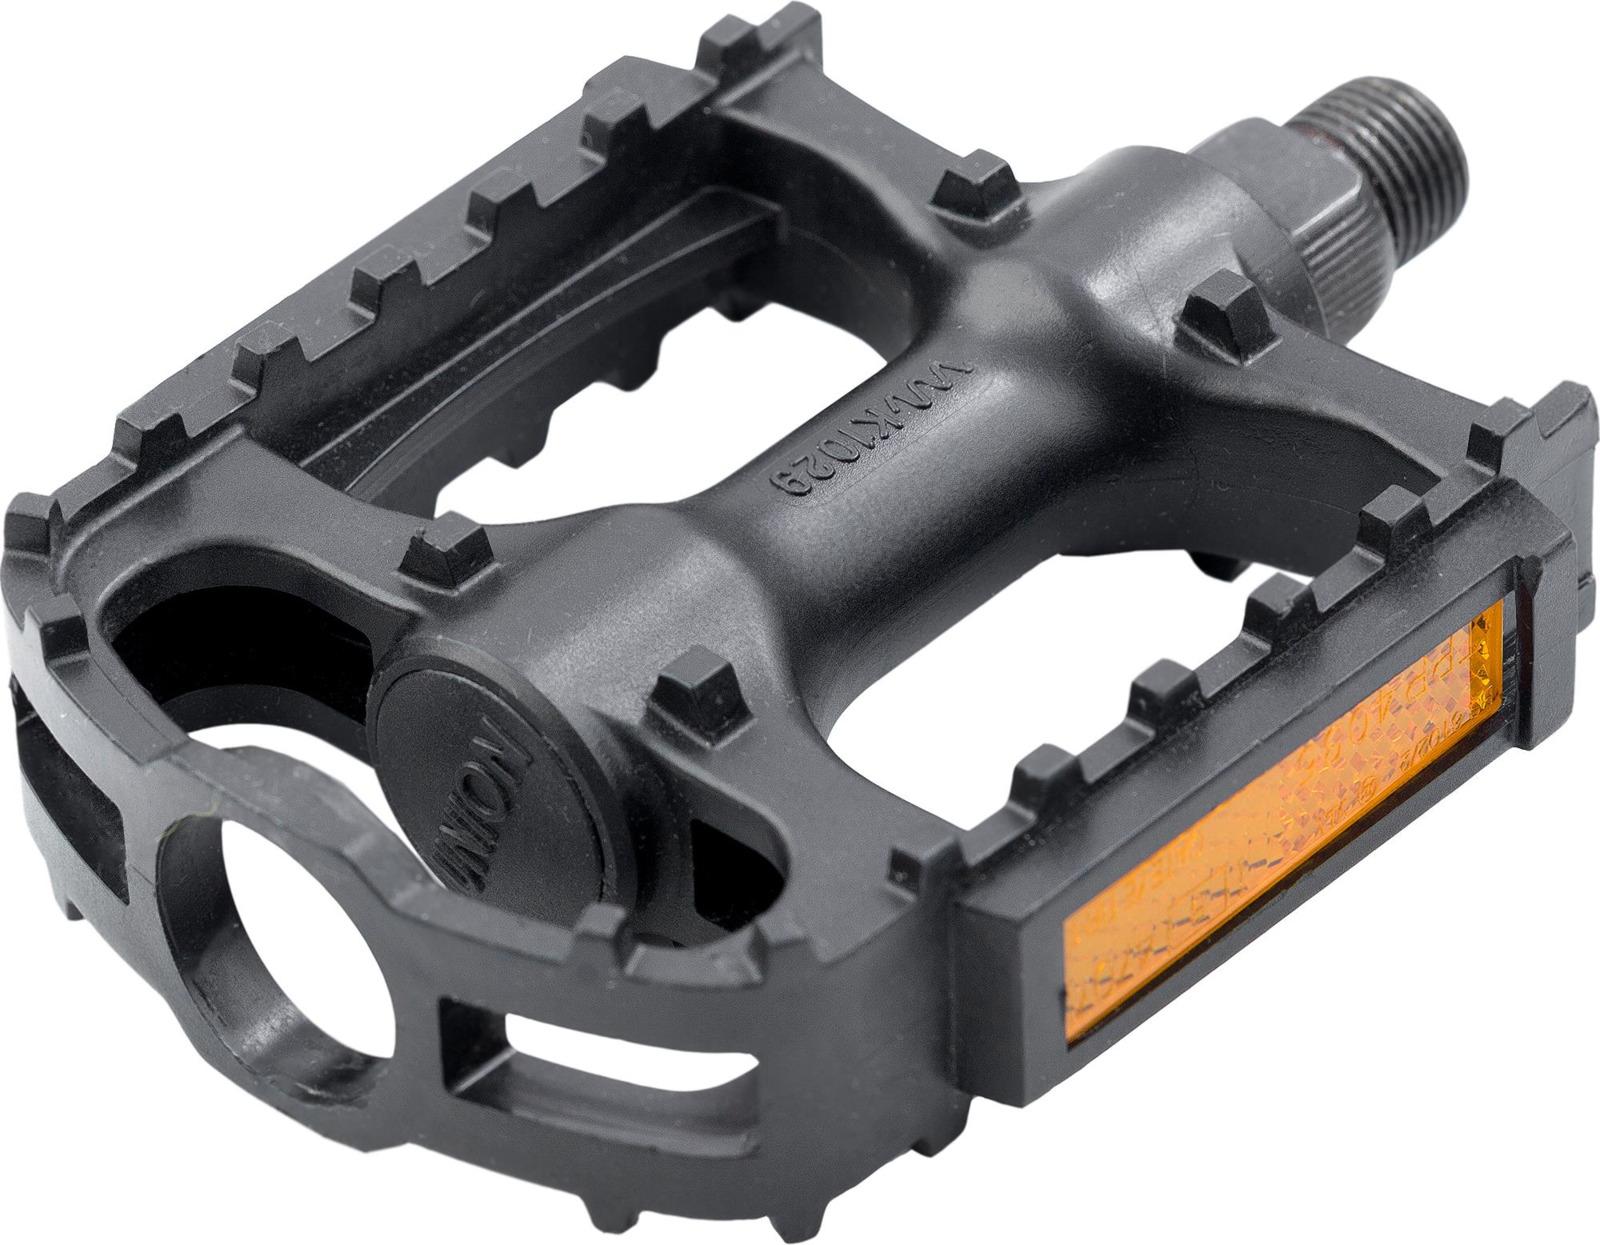 Педали Stern CPED-P1 Pedals, черный